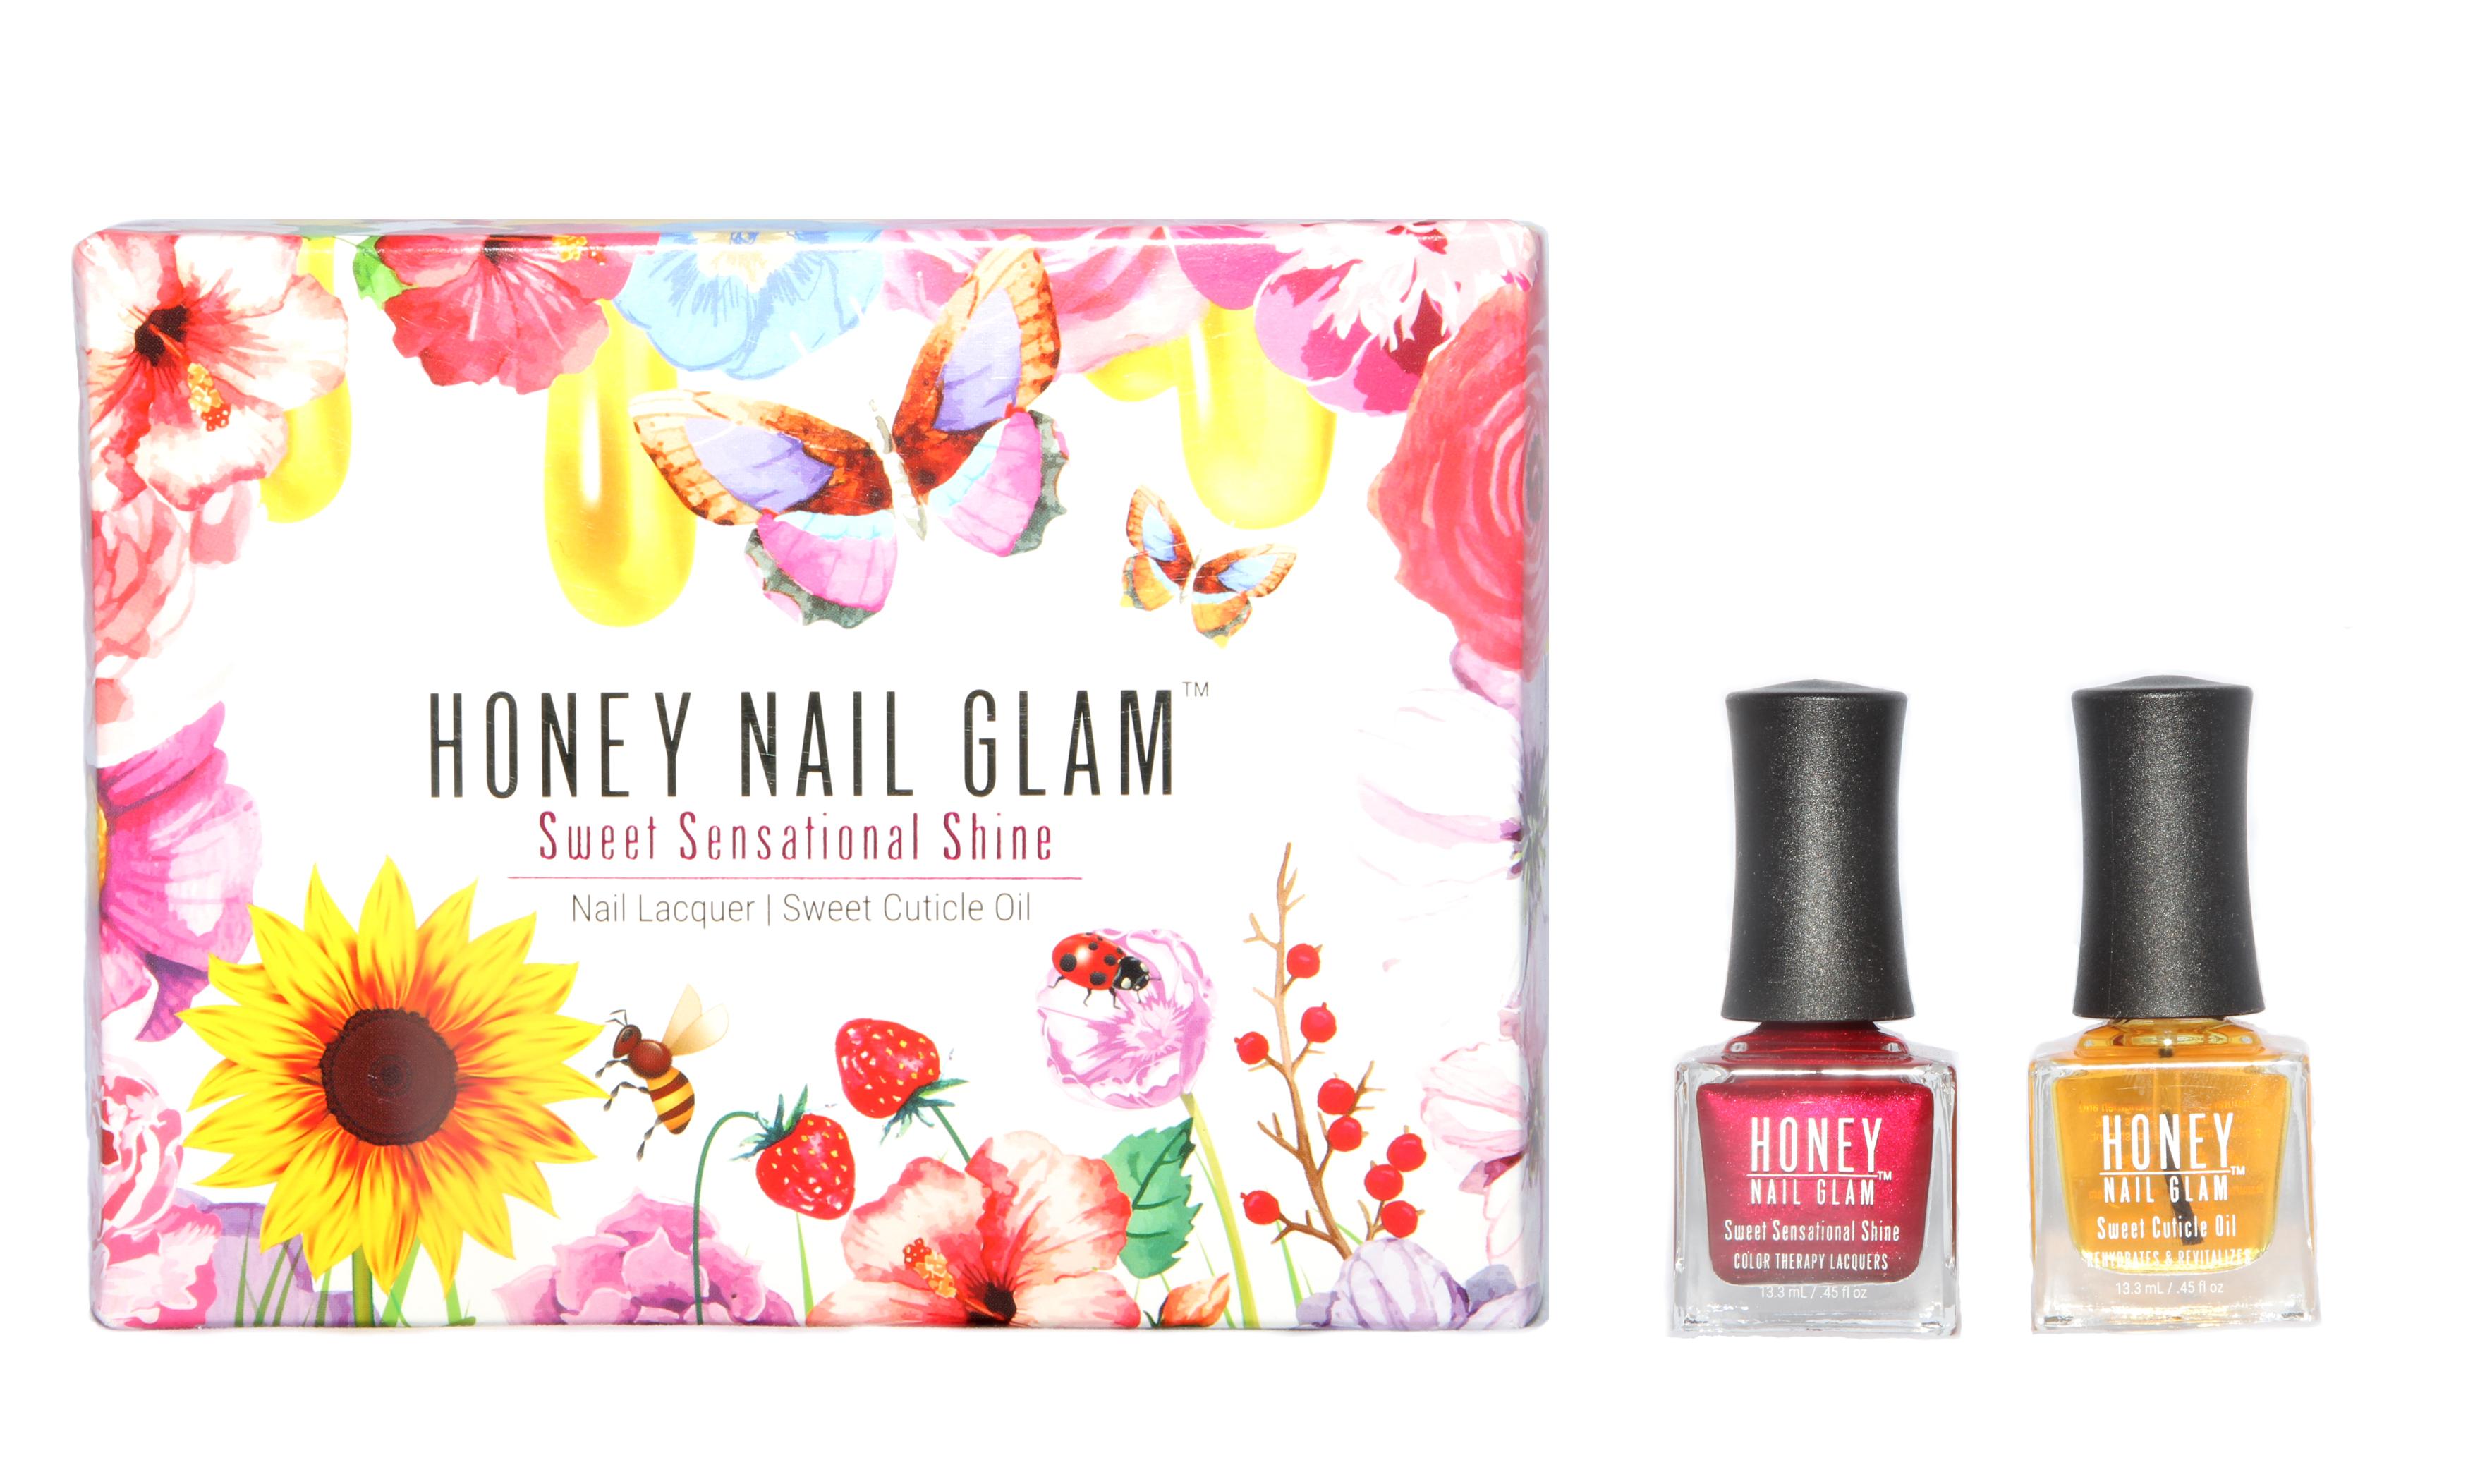 Fashion Week Gift Box Set - Honey Nail Glam Nail Care, Non-Toxic